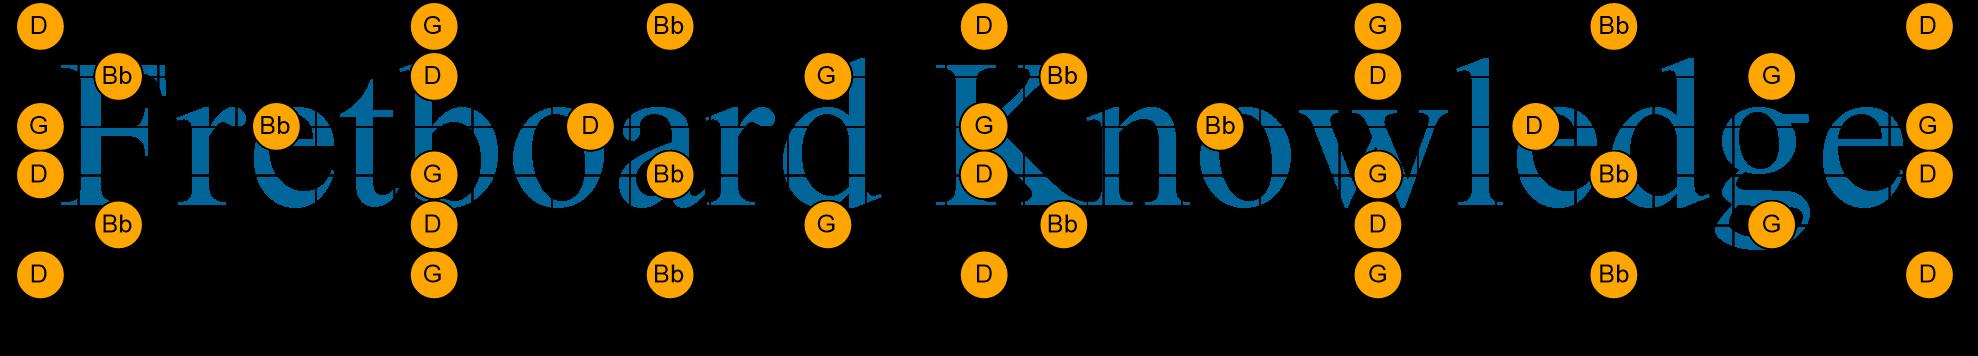 G Minor Triad Dadgad Chord Voicings Guitar Fretboard Knowledge